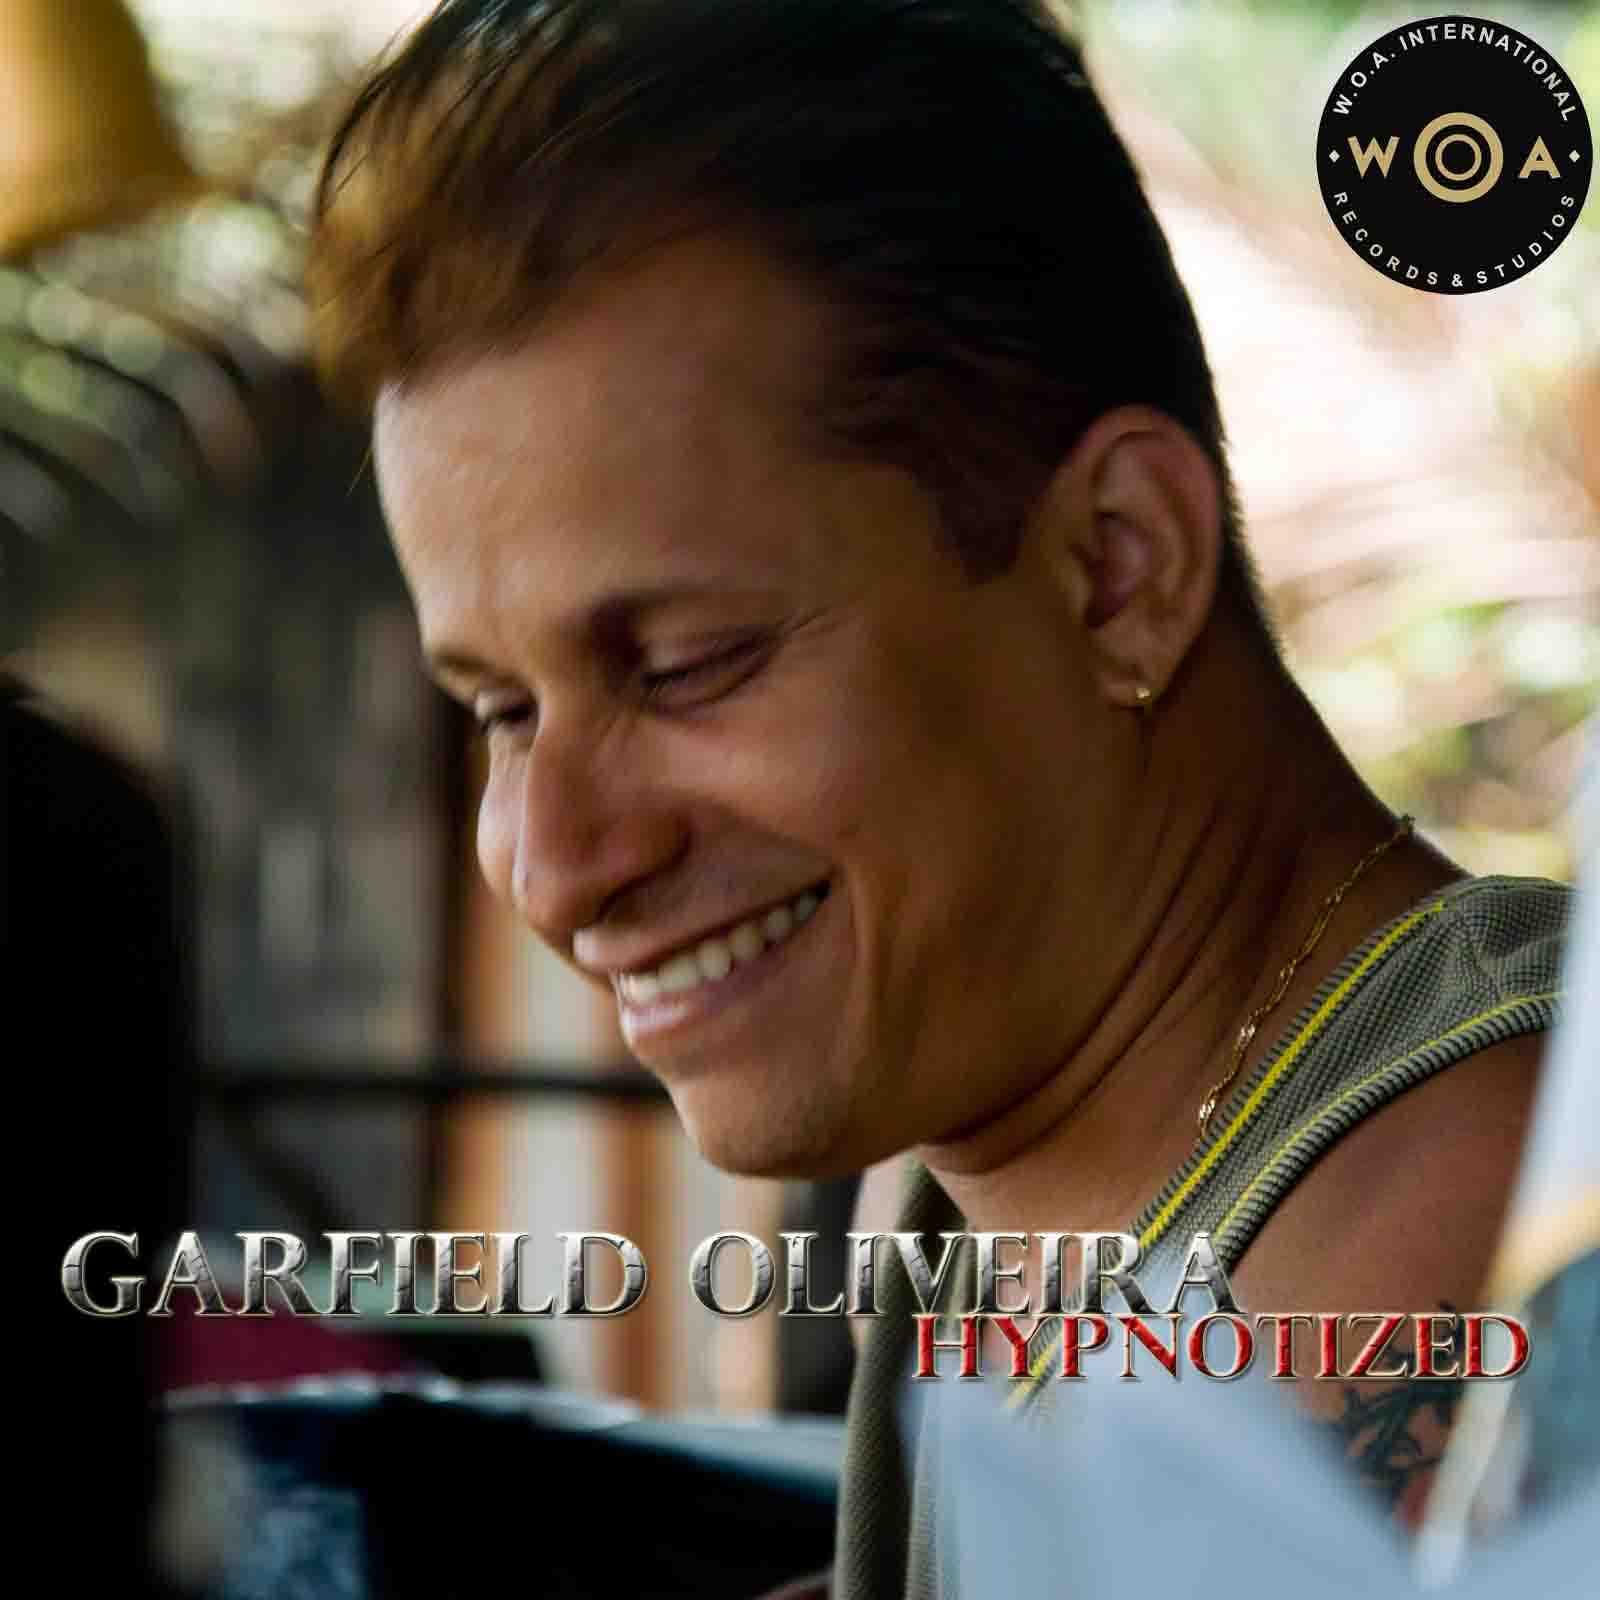 Garfield Oliveira - Hypnotized